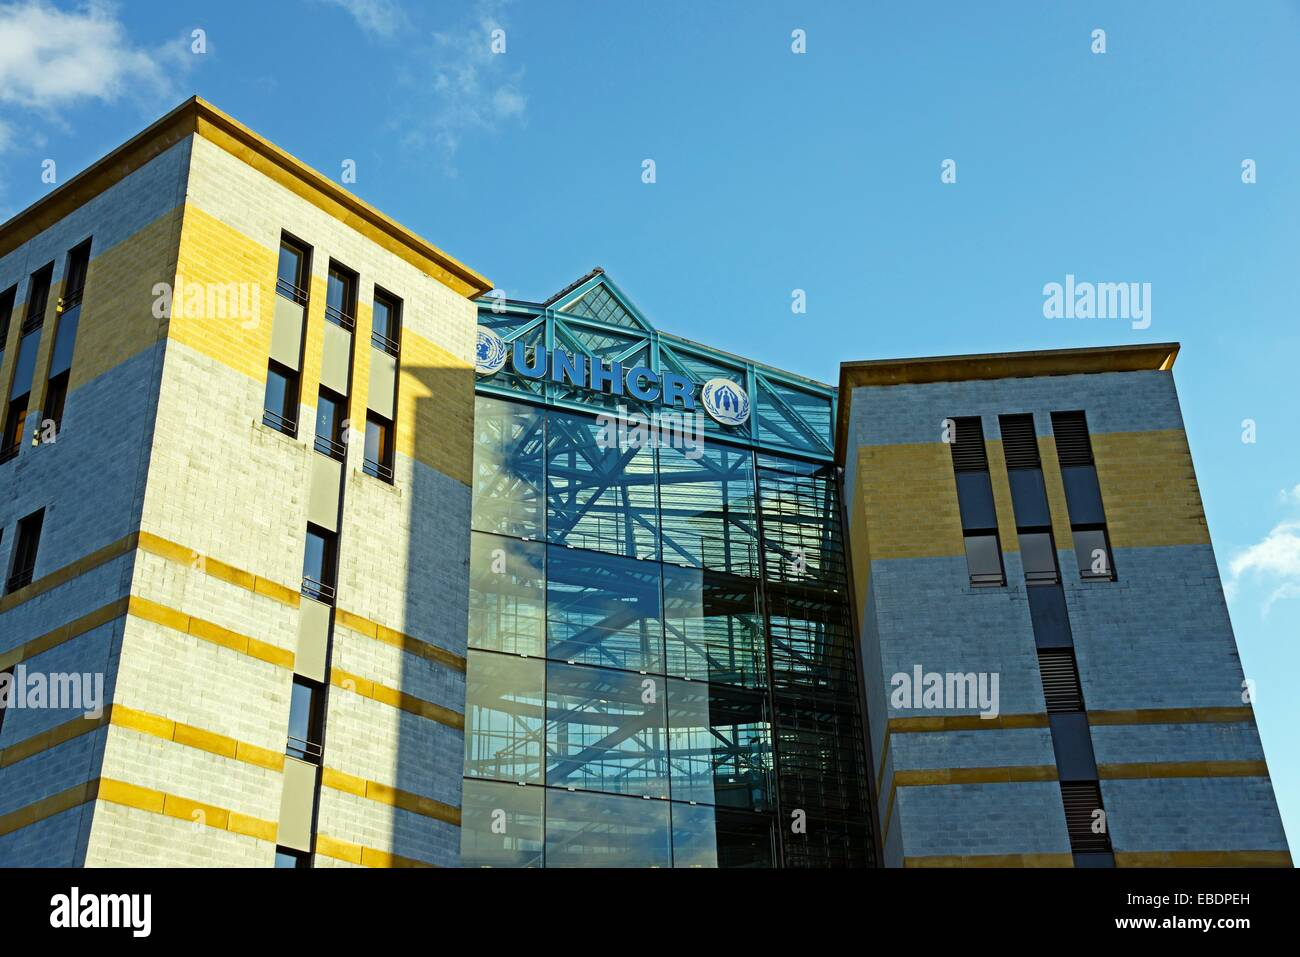 Agentur Asyl Architekturgebäude gebaut Struktur Stadt Farbe Bild ...